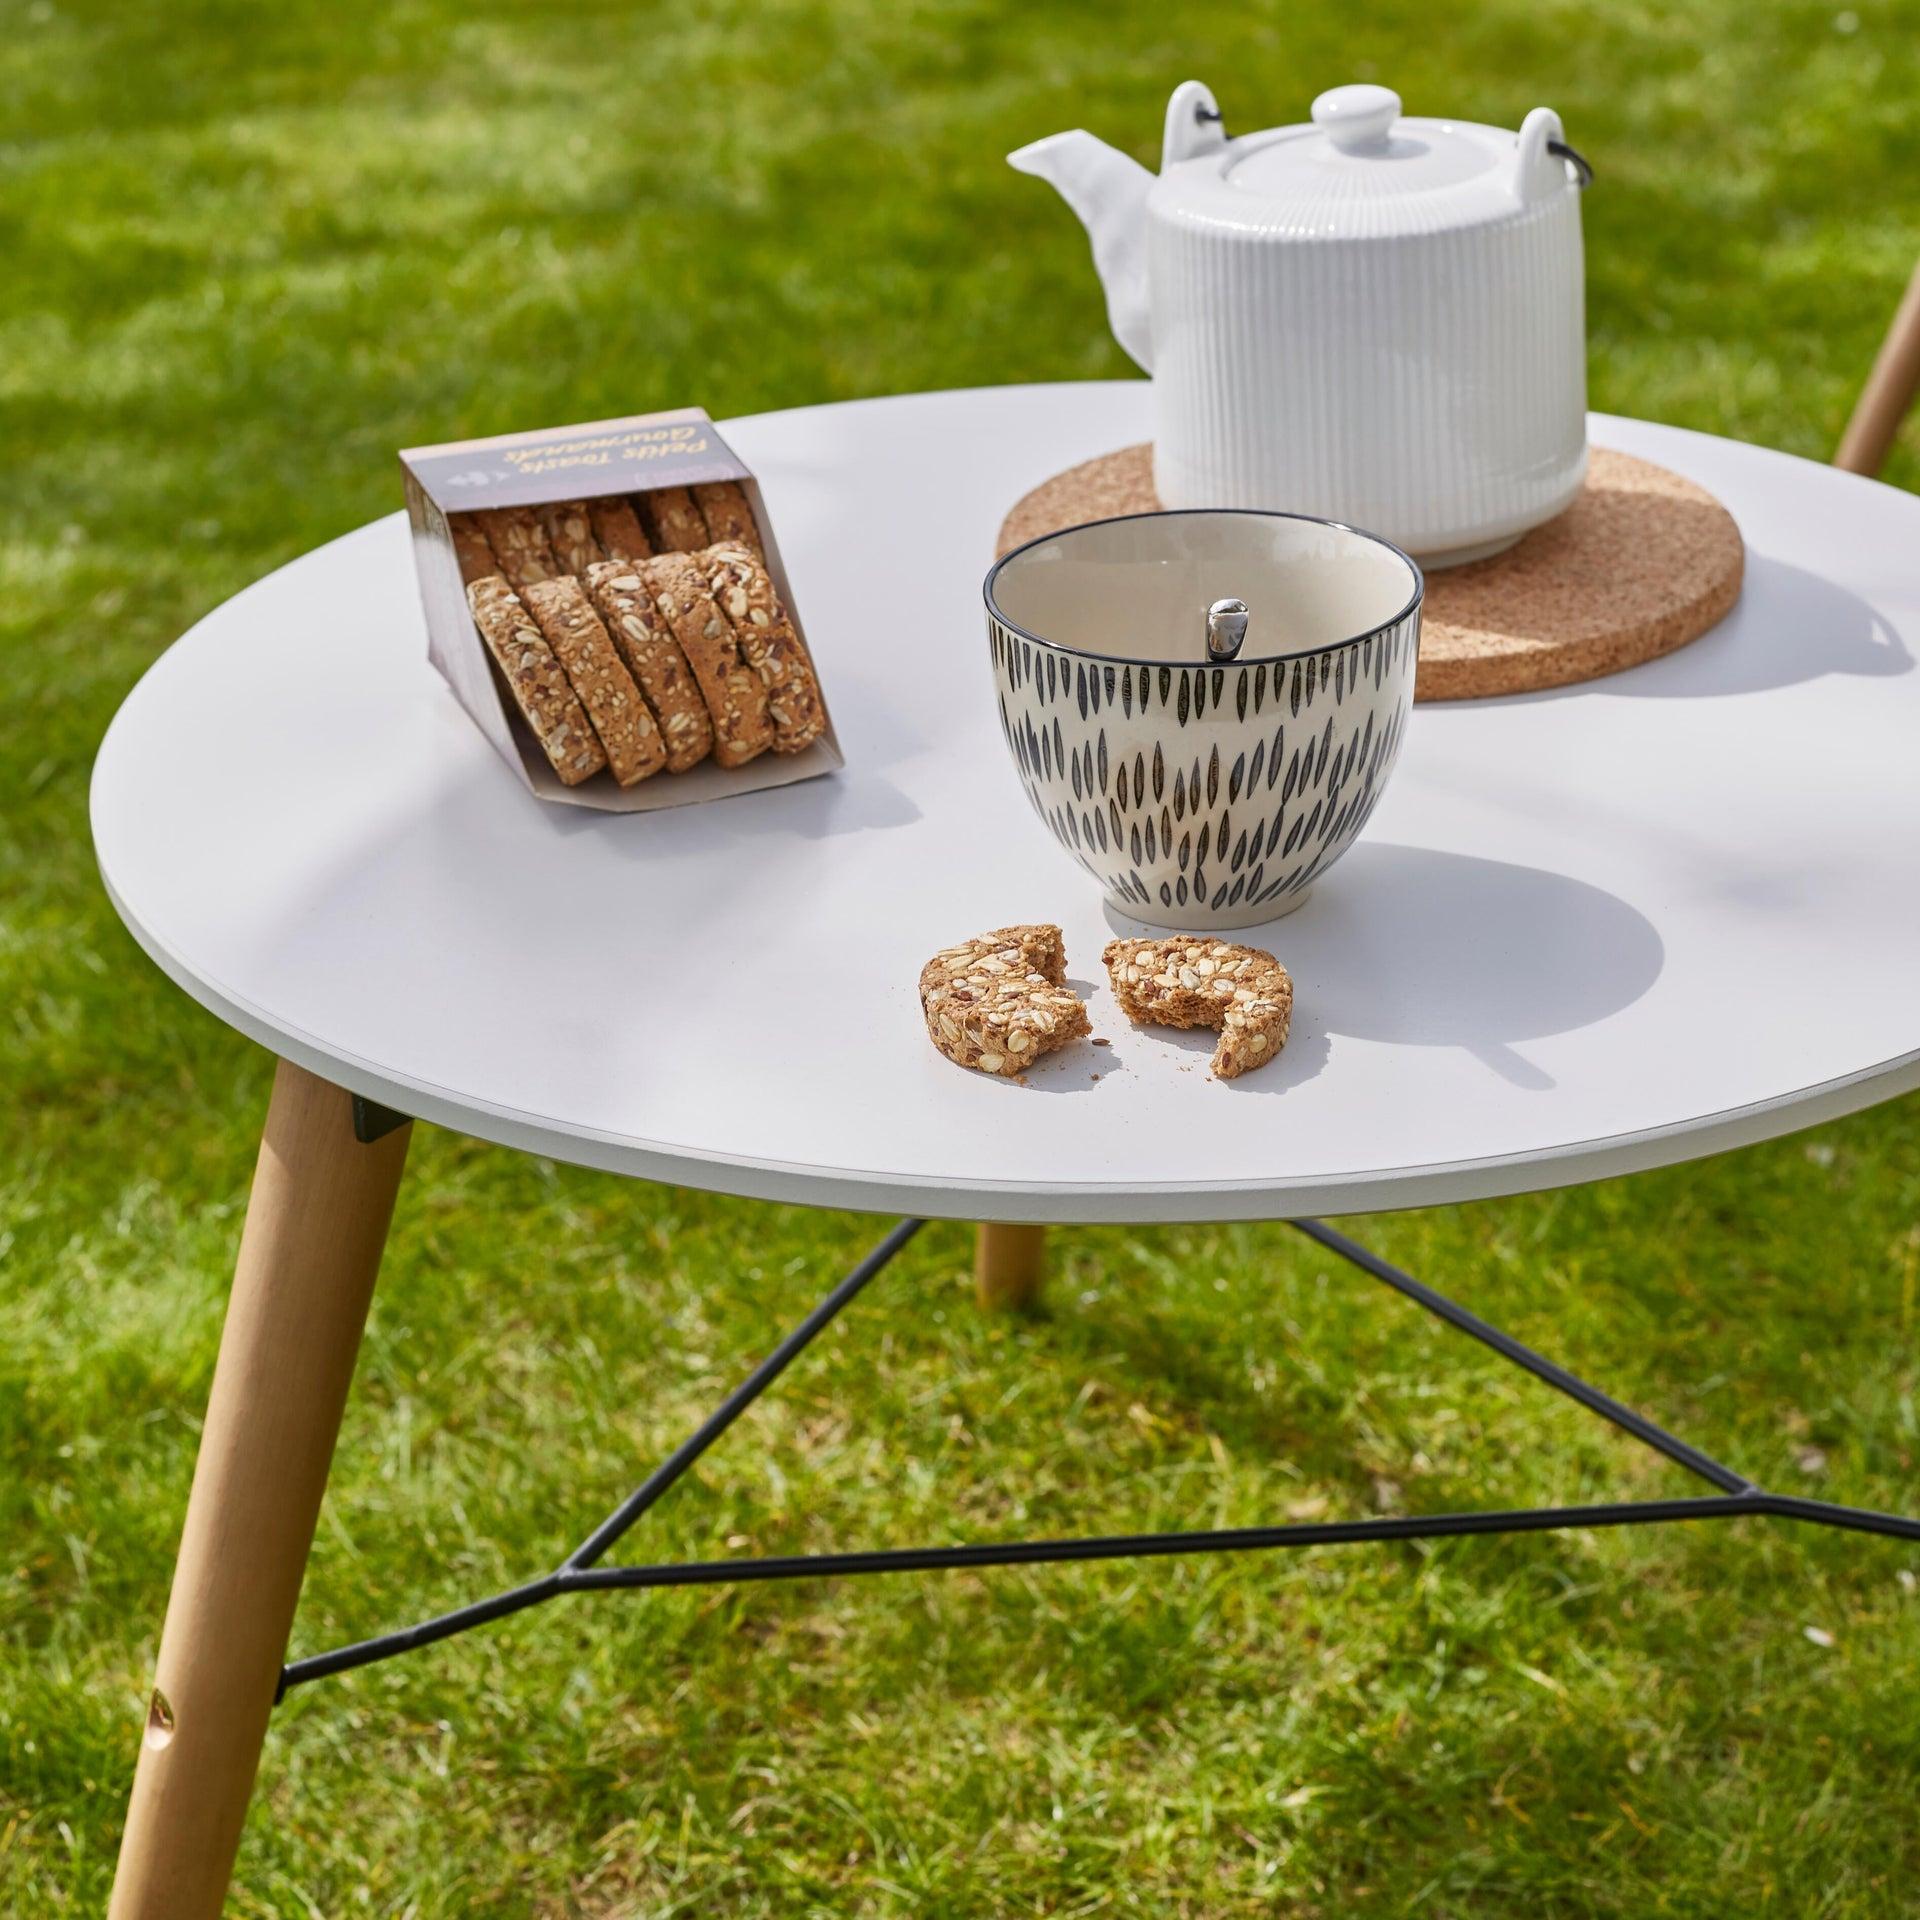 Tavolino da giardino rotondo Chamonix con piano in composito Ø 60 cm - 3